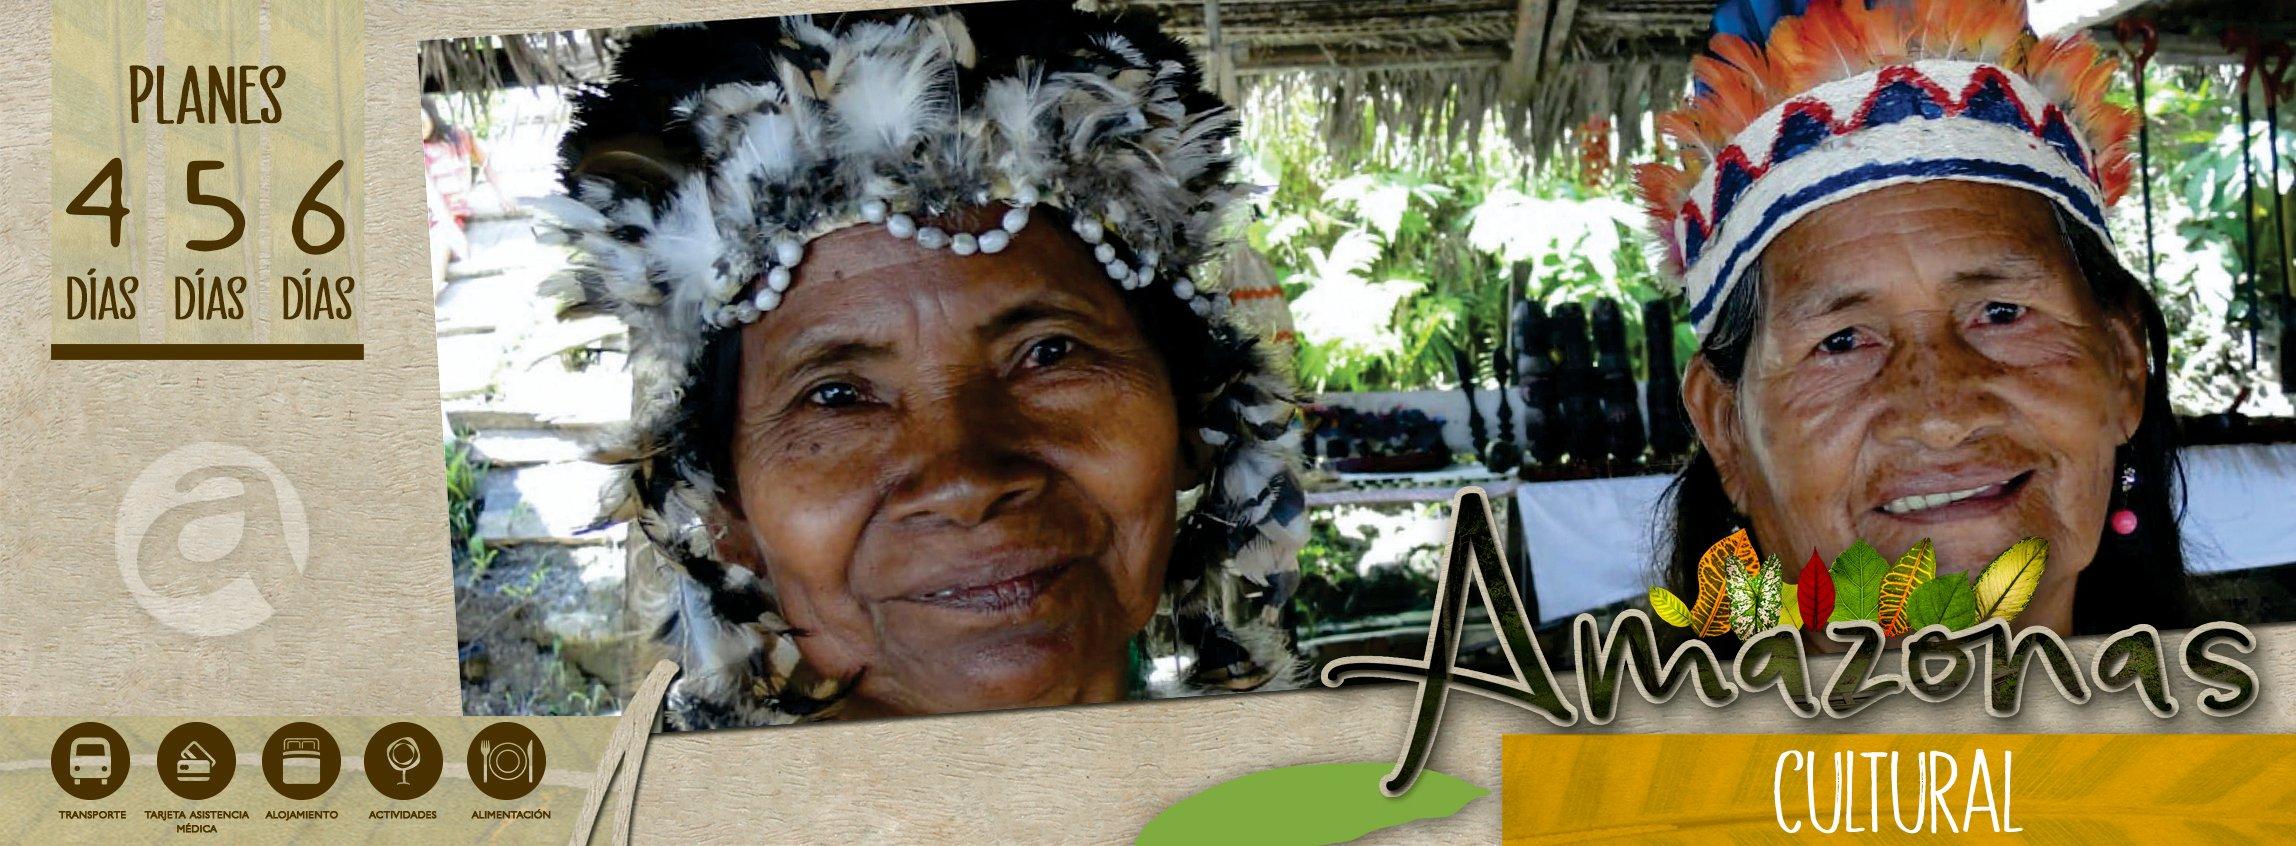 Planes culturales Amazonas